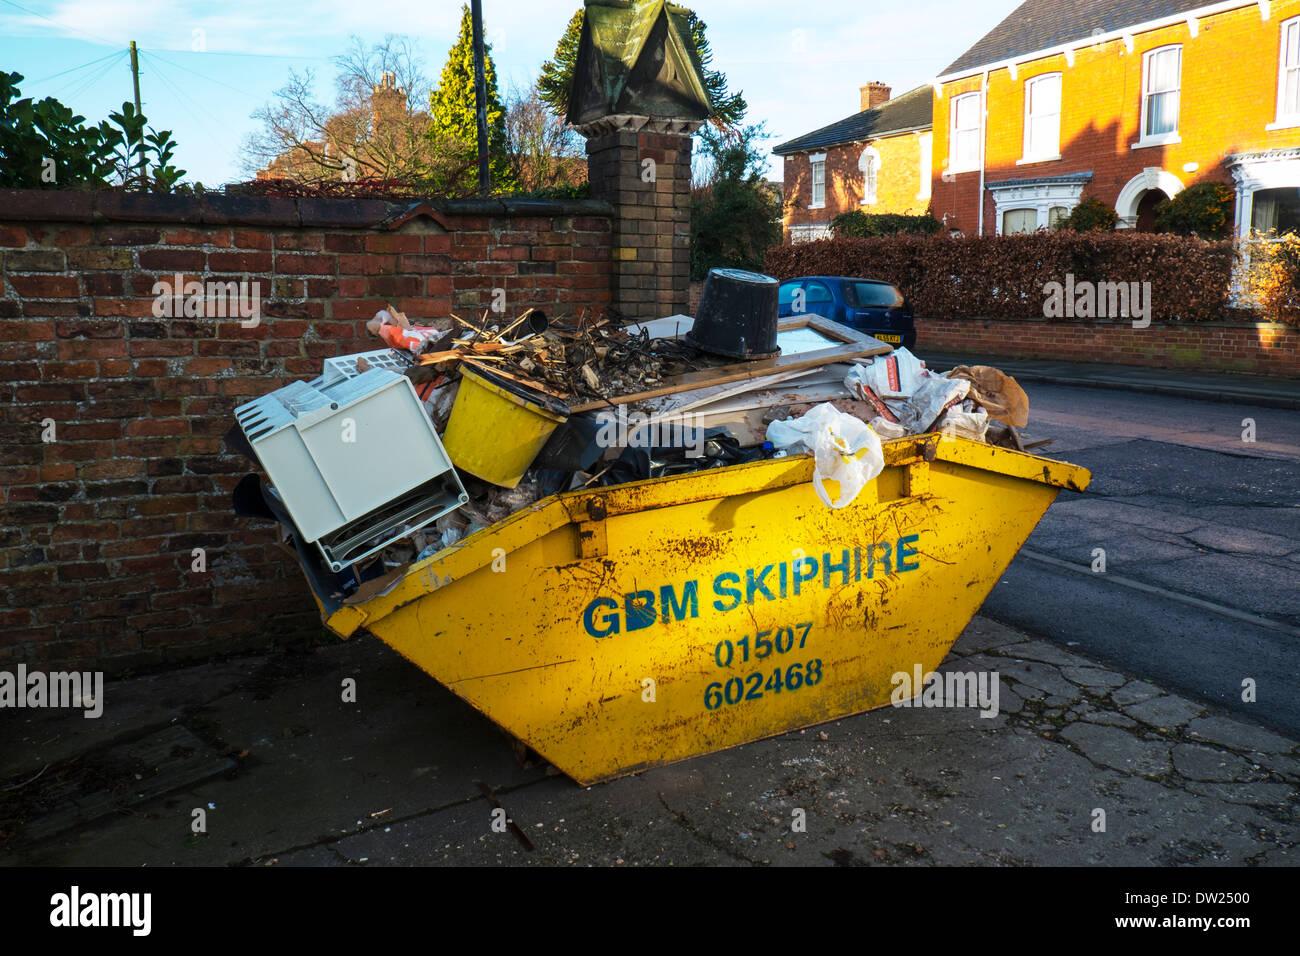 Vaya lleno de basura contratar servicio de mudanzas Louth ciudad Lincolnshire Inglaterra GB Imagen De Stock